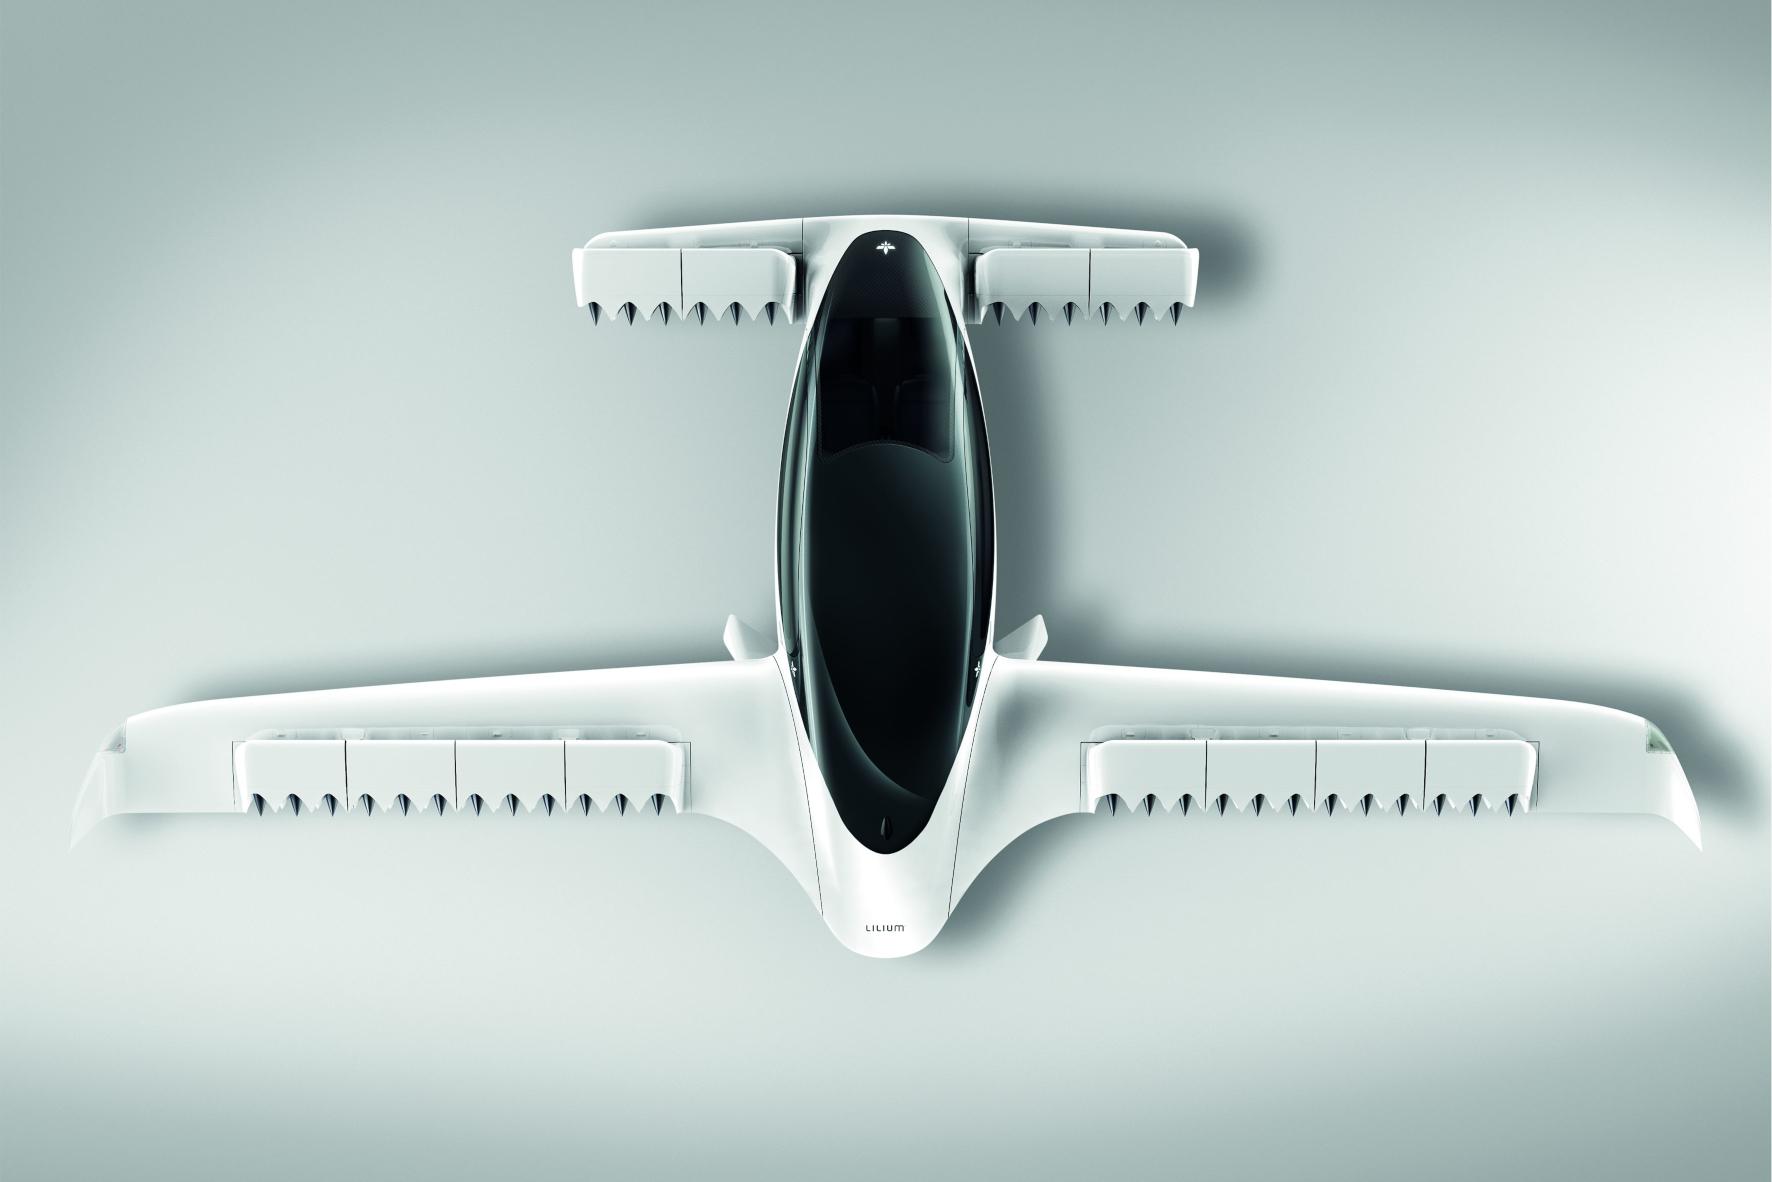 Ungewöhnliche Proportionen: Der Lilium Jet kommt ohne Heck- und Seitenruder und ohne Propeller aus.